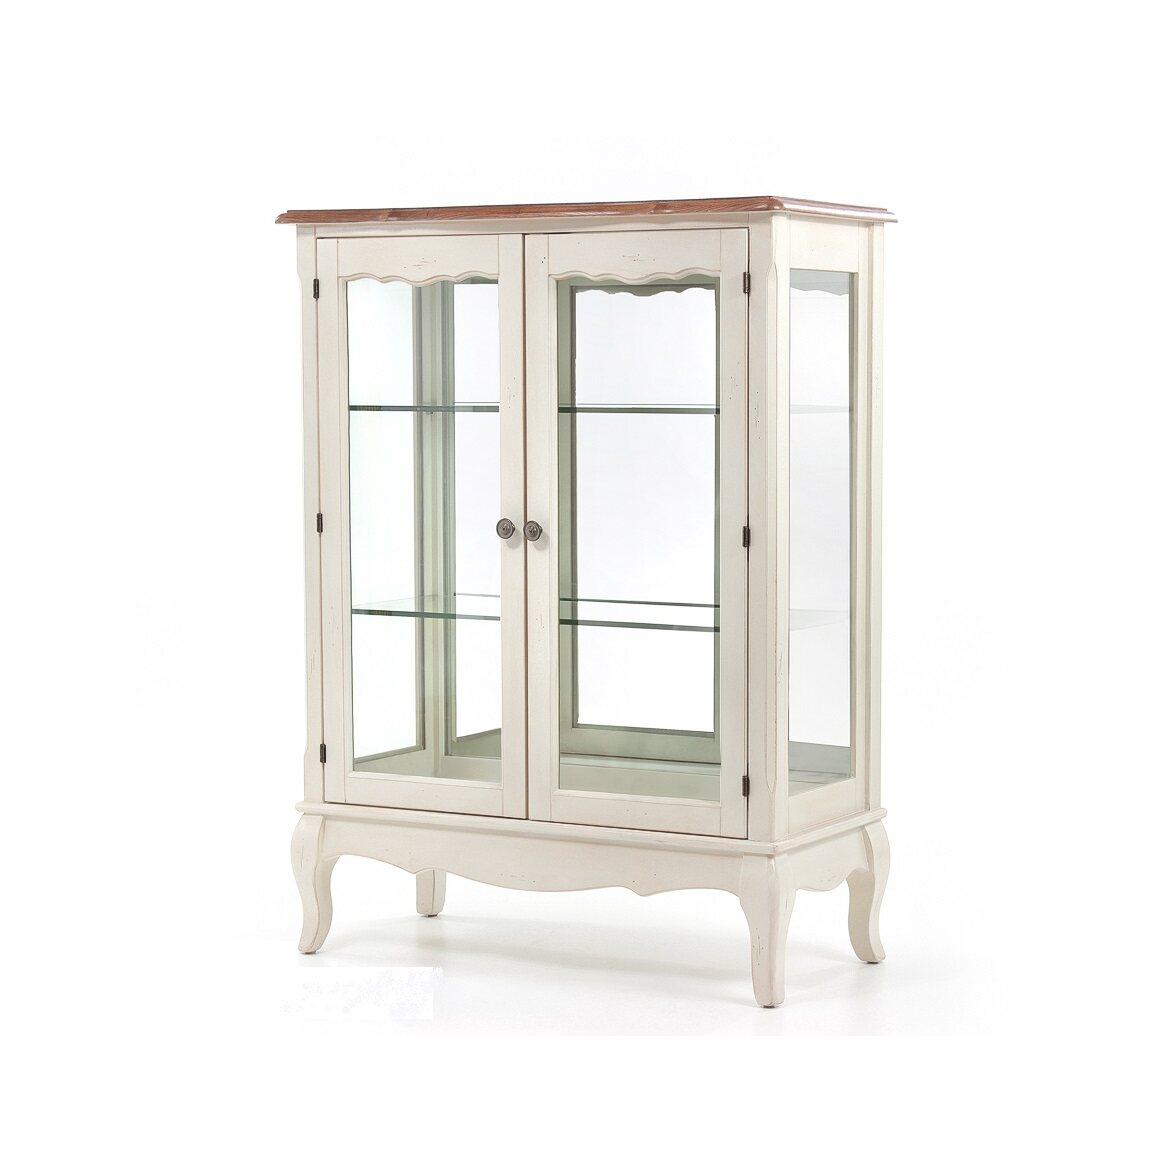 Стеклянная витрина (двойная) Leontina, бежевого цвета 4 | Витрины Kingsby